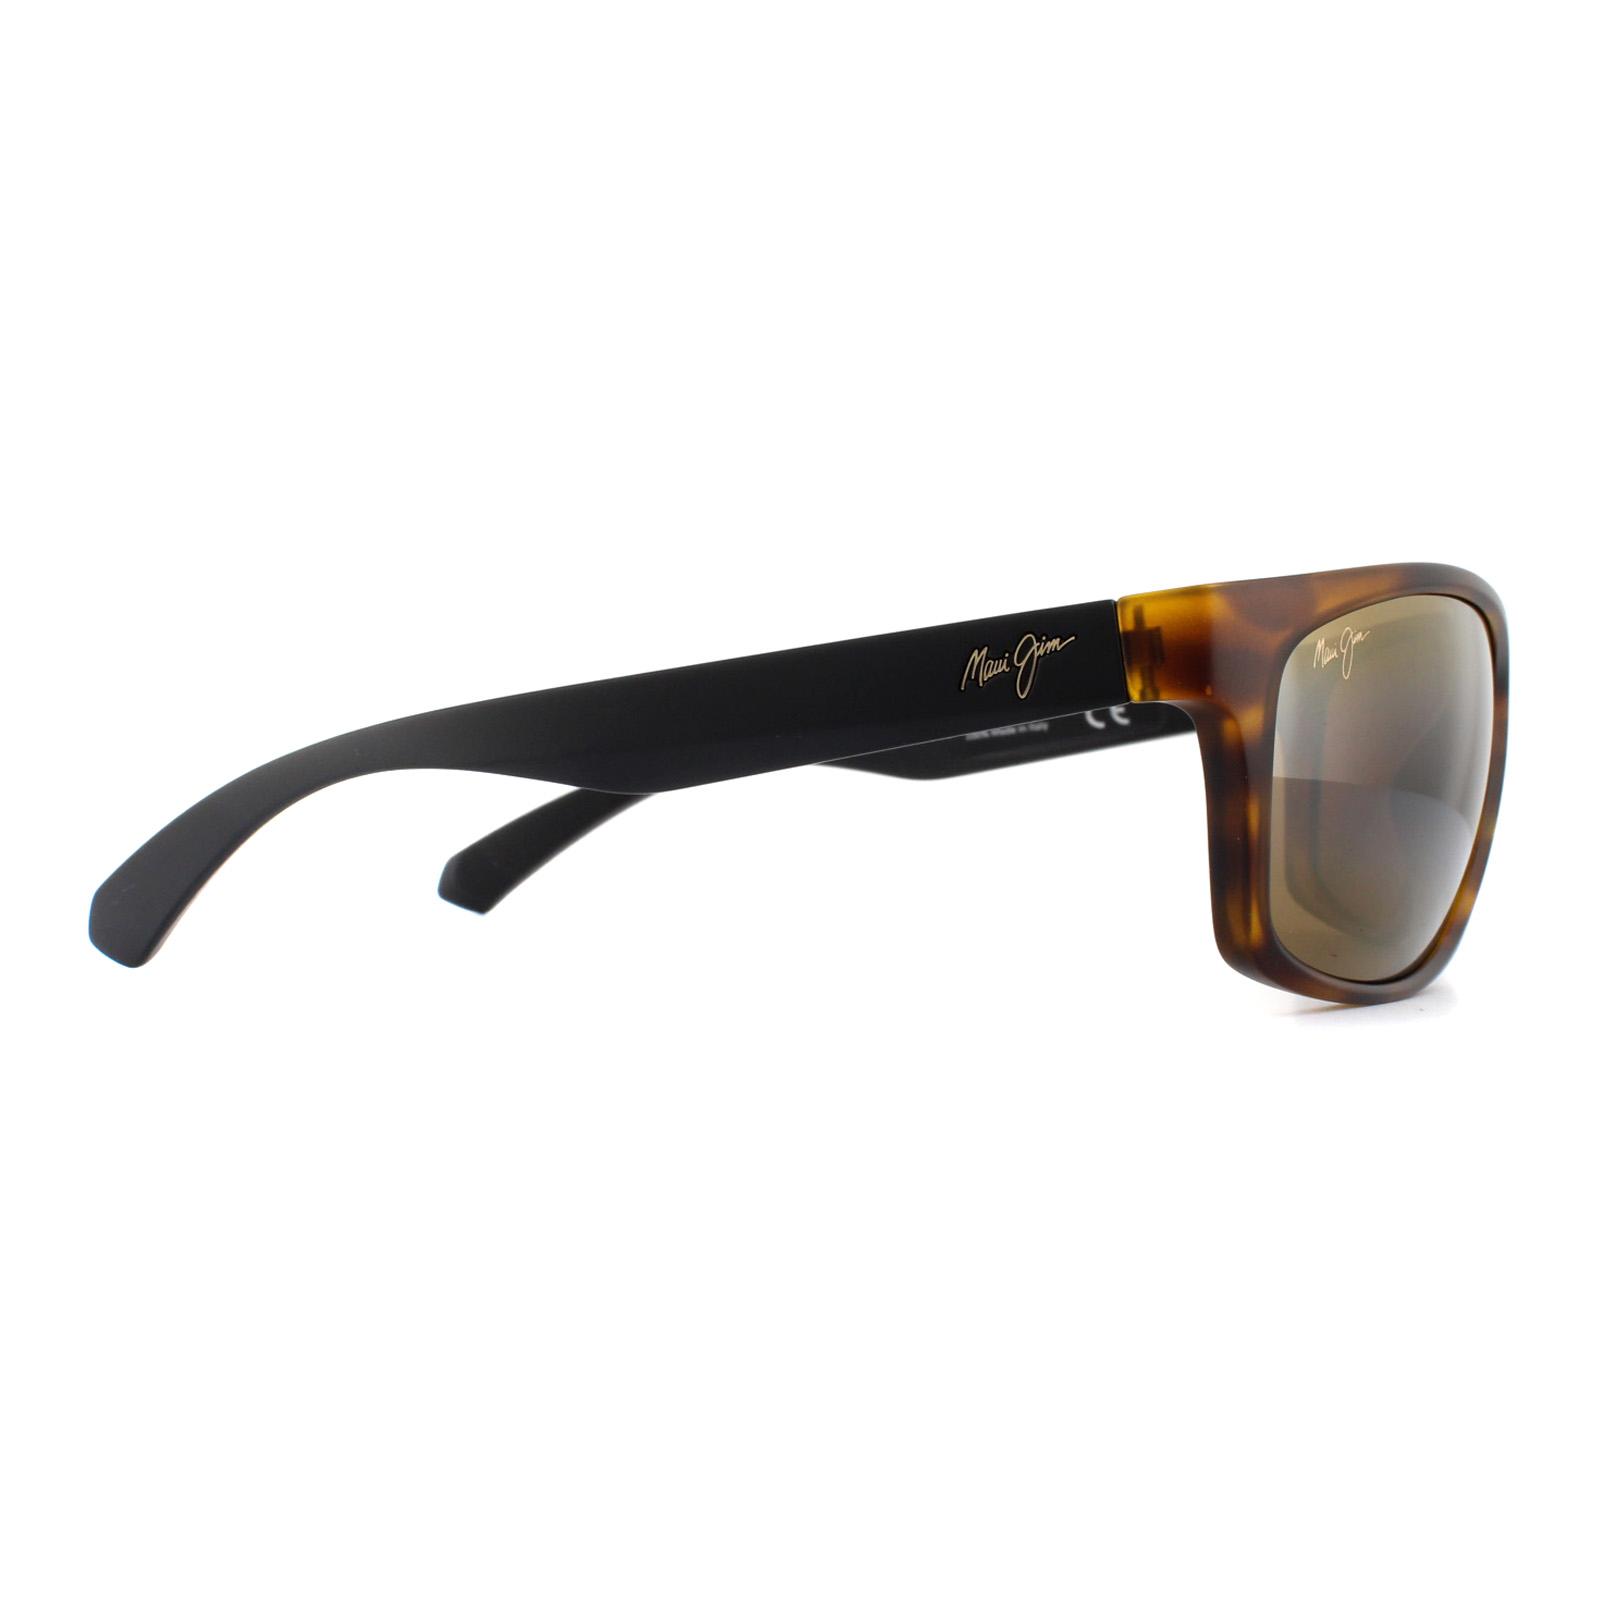 2dbc854aec99e Sentinel Maui Jim Sunglasses Tumbleland H770-10CM Matte Tortoise Black  Bronze Polarized